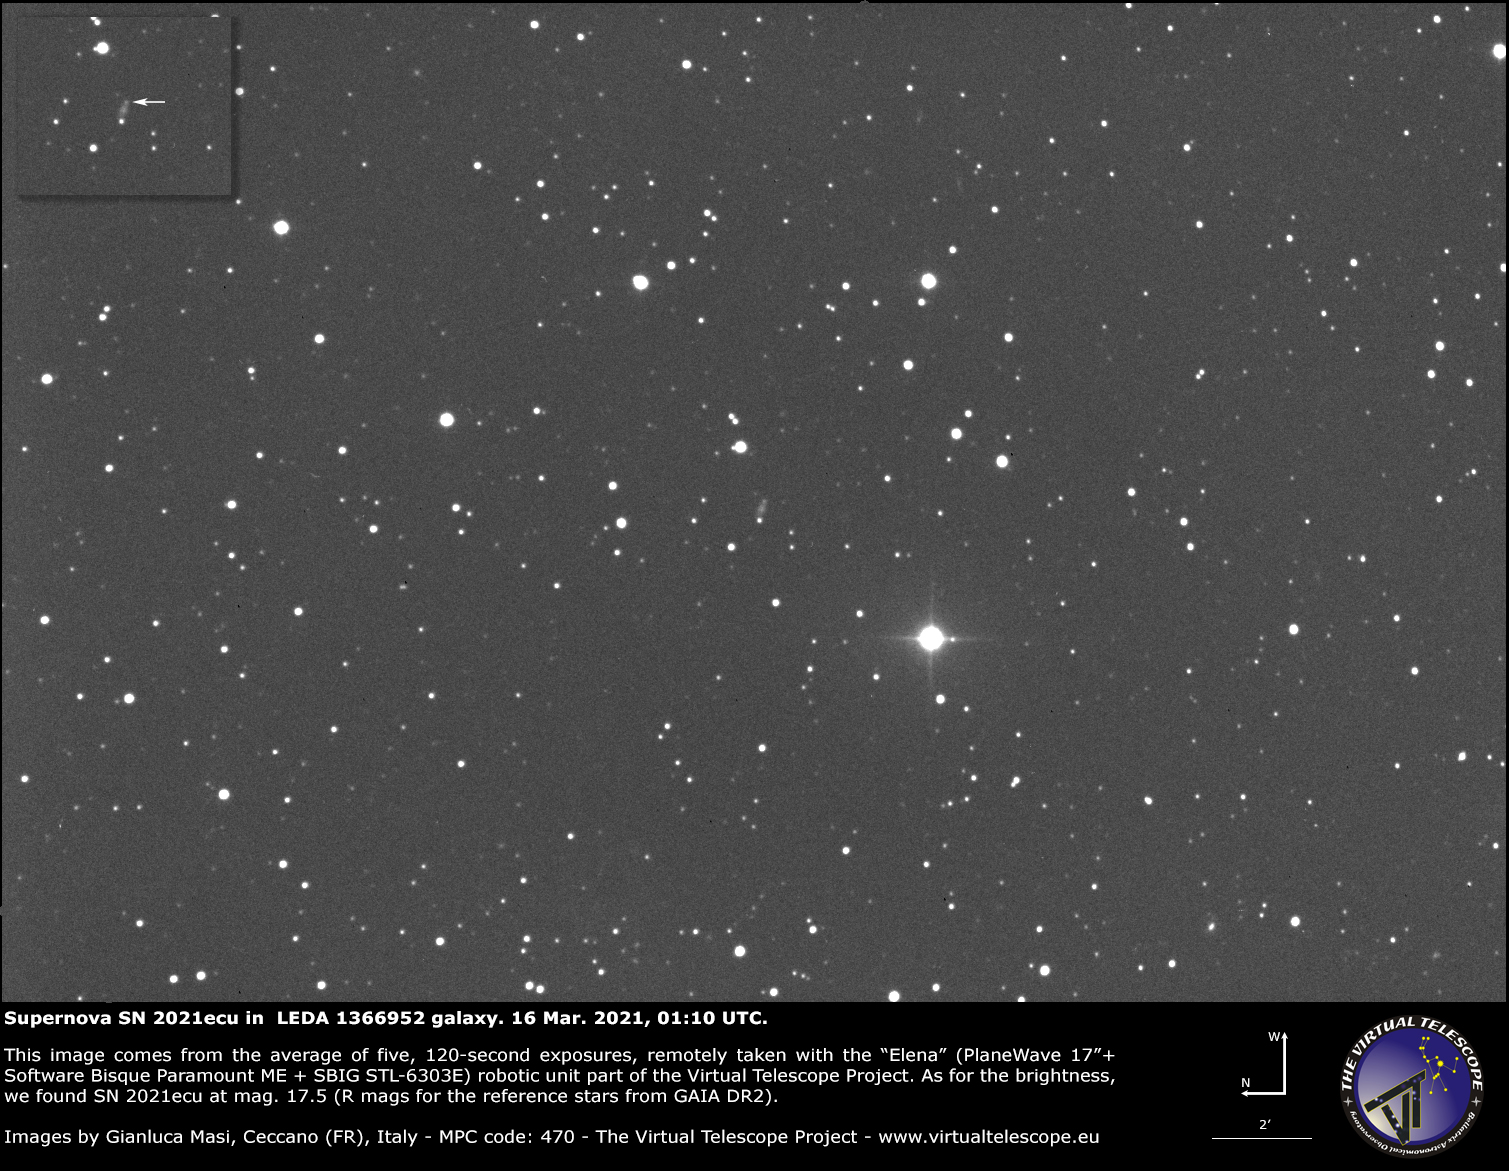 Supernova SN 2021ecu in LEDA 1366952 galaxy: 16 Mar. 2021.